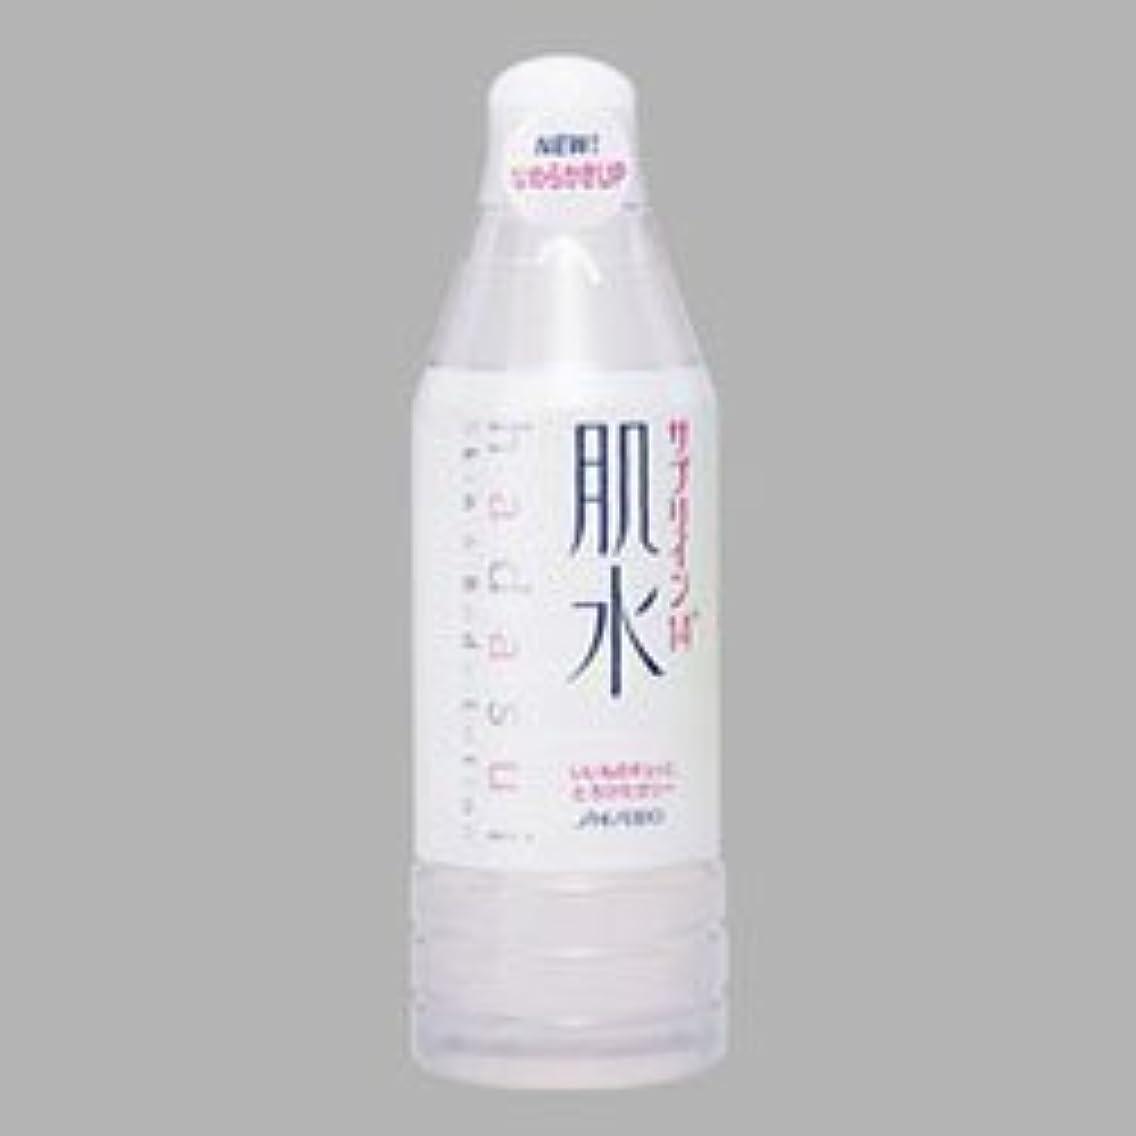 メイエラ絶対に排出【エフティ資生堂】肌水サプリイン14+ (ボトル) 400ml☆☆ ×3個セット